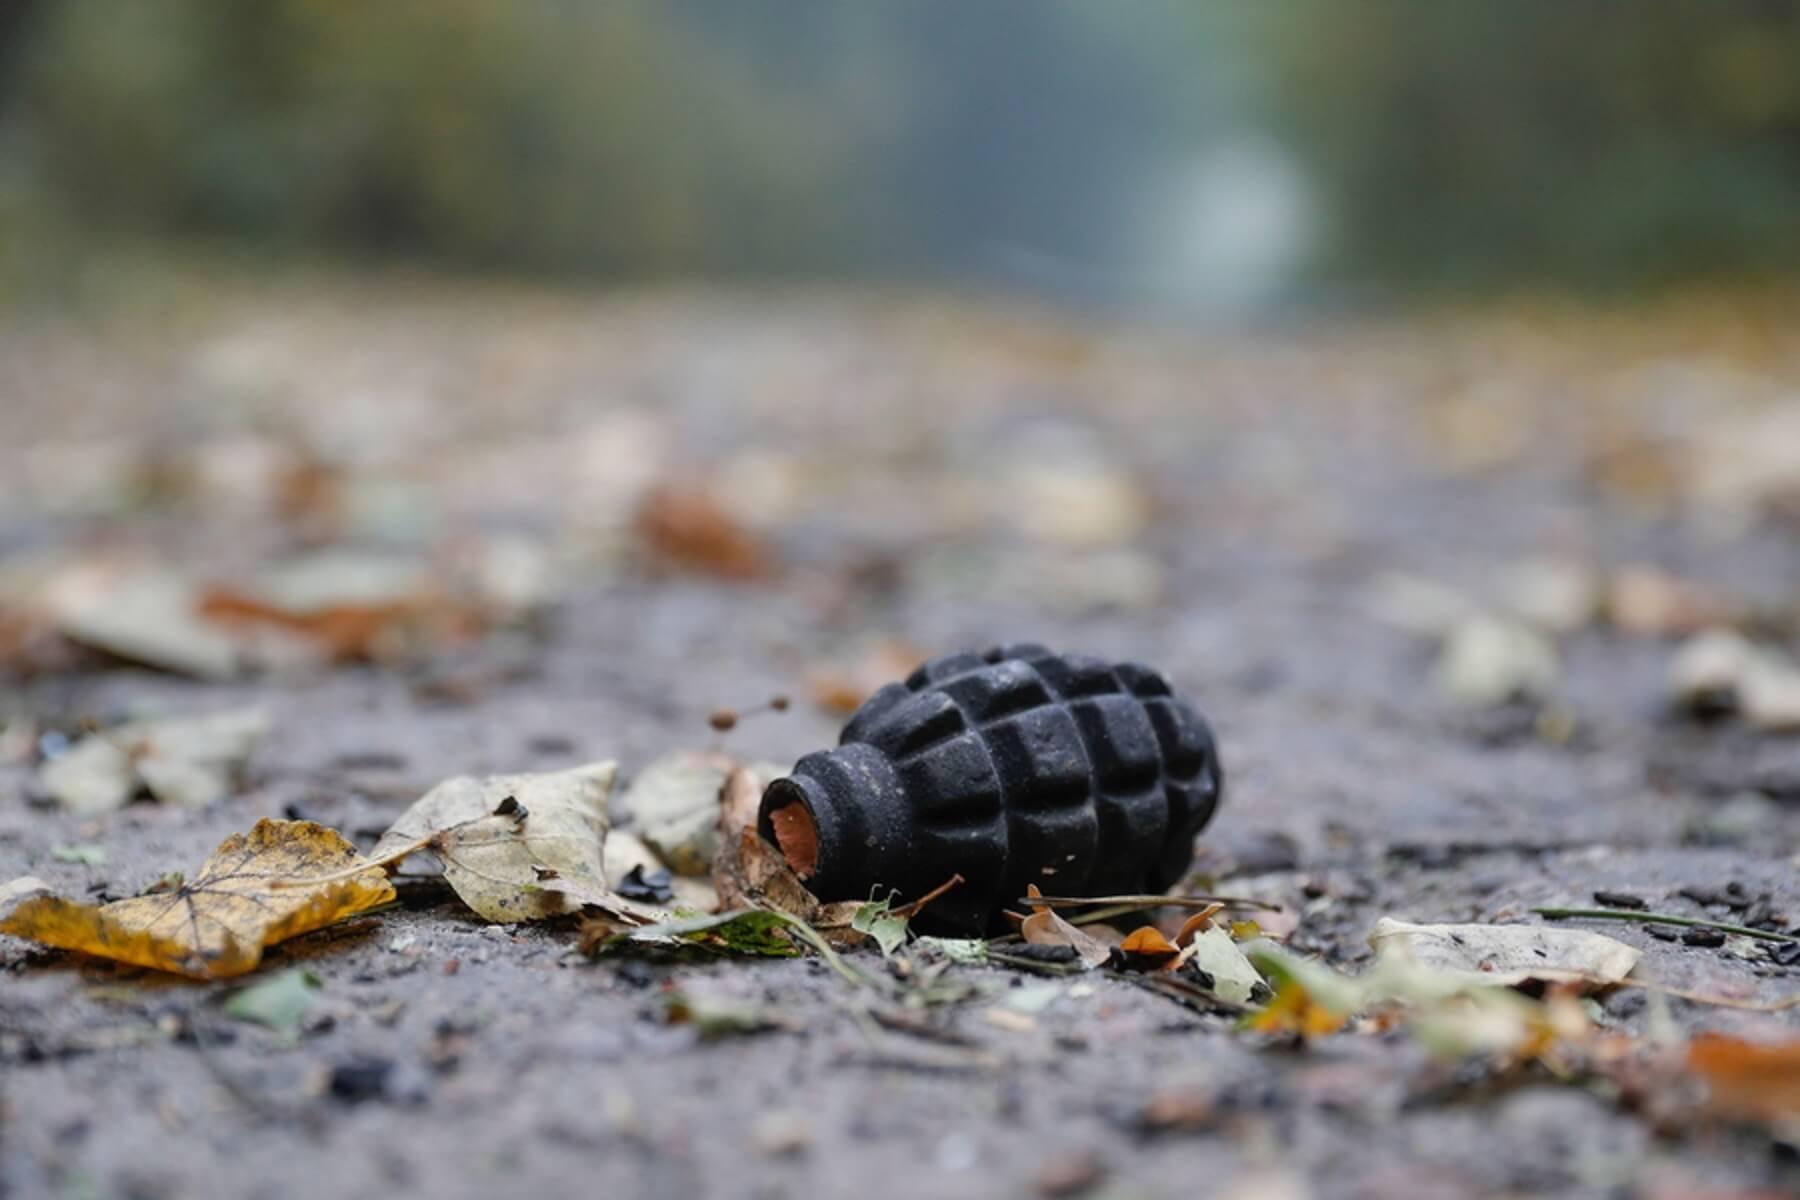 Βουλγαρία: Τρία παιδιά τραυματίστηκαν από έκρηξη χειροβομβίδας σε εκδήλωση της αστυνομίας